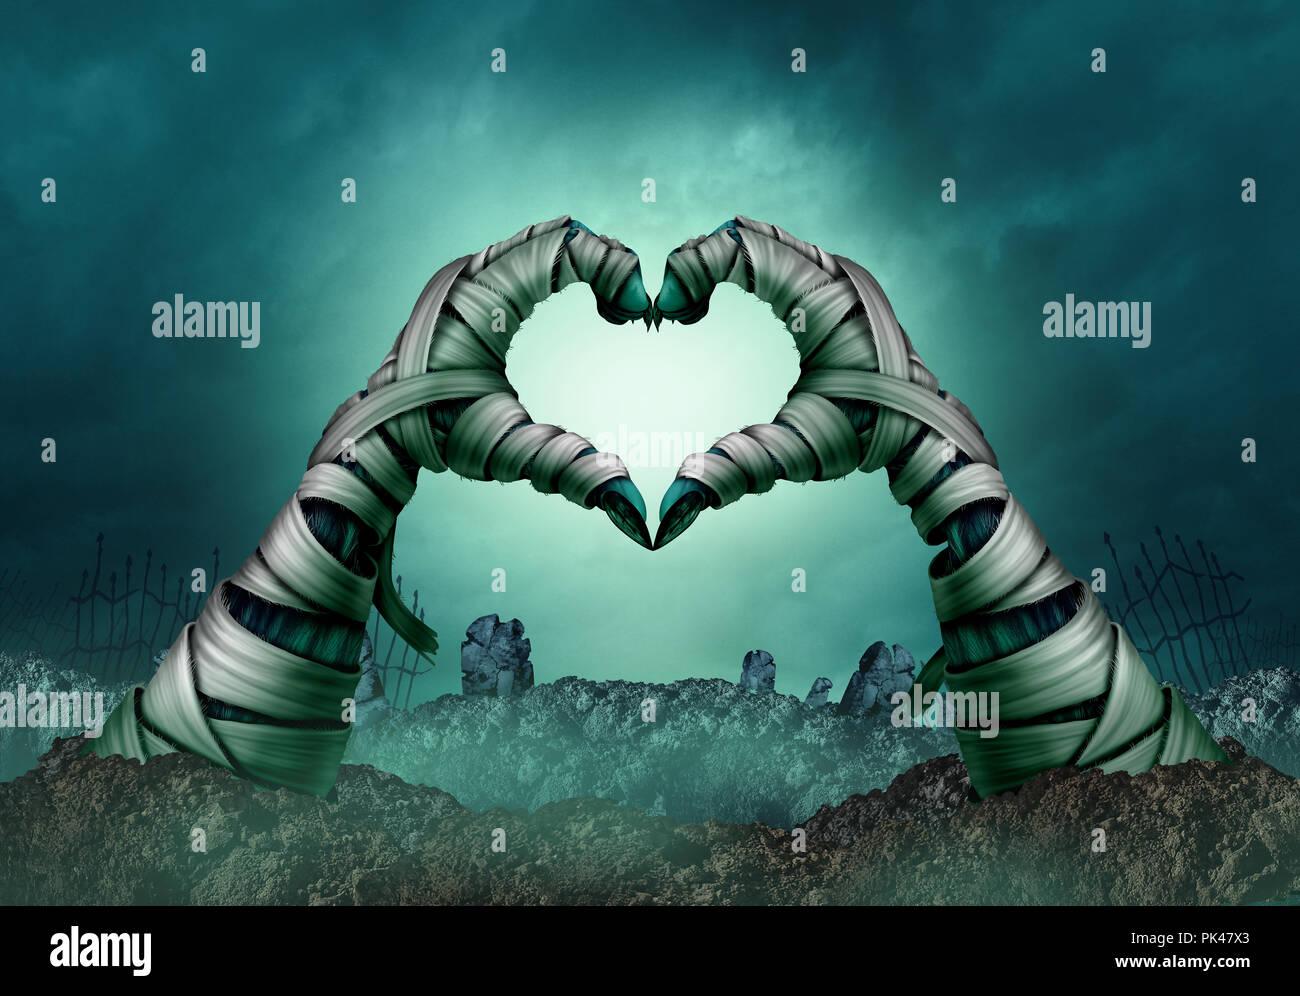 Mumie hand Herz Form in eine gruselige Nacht Friedhof Hintergrund als Zombie halloween Waffen, die aus einem Friedhof Grab oder furchtsam. Stockbild